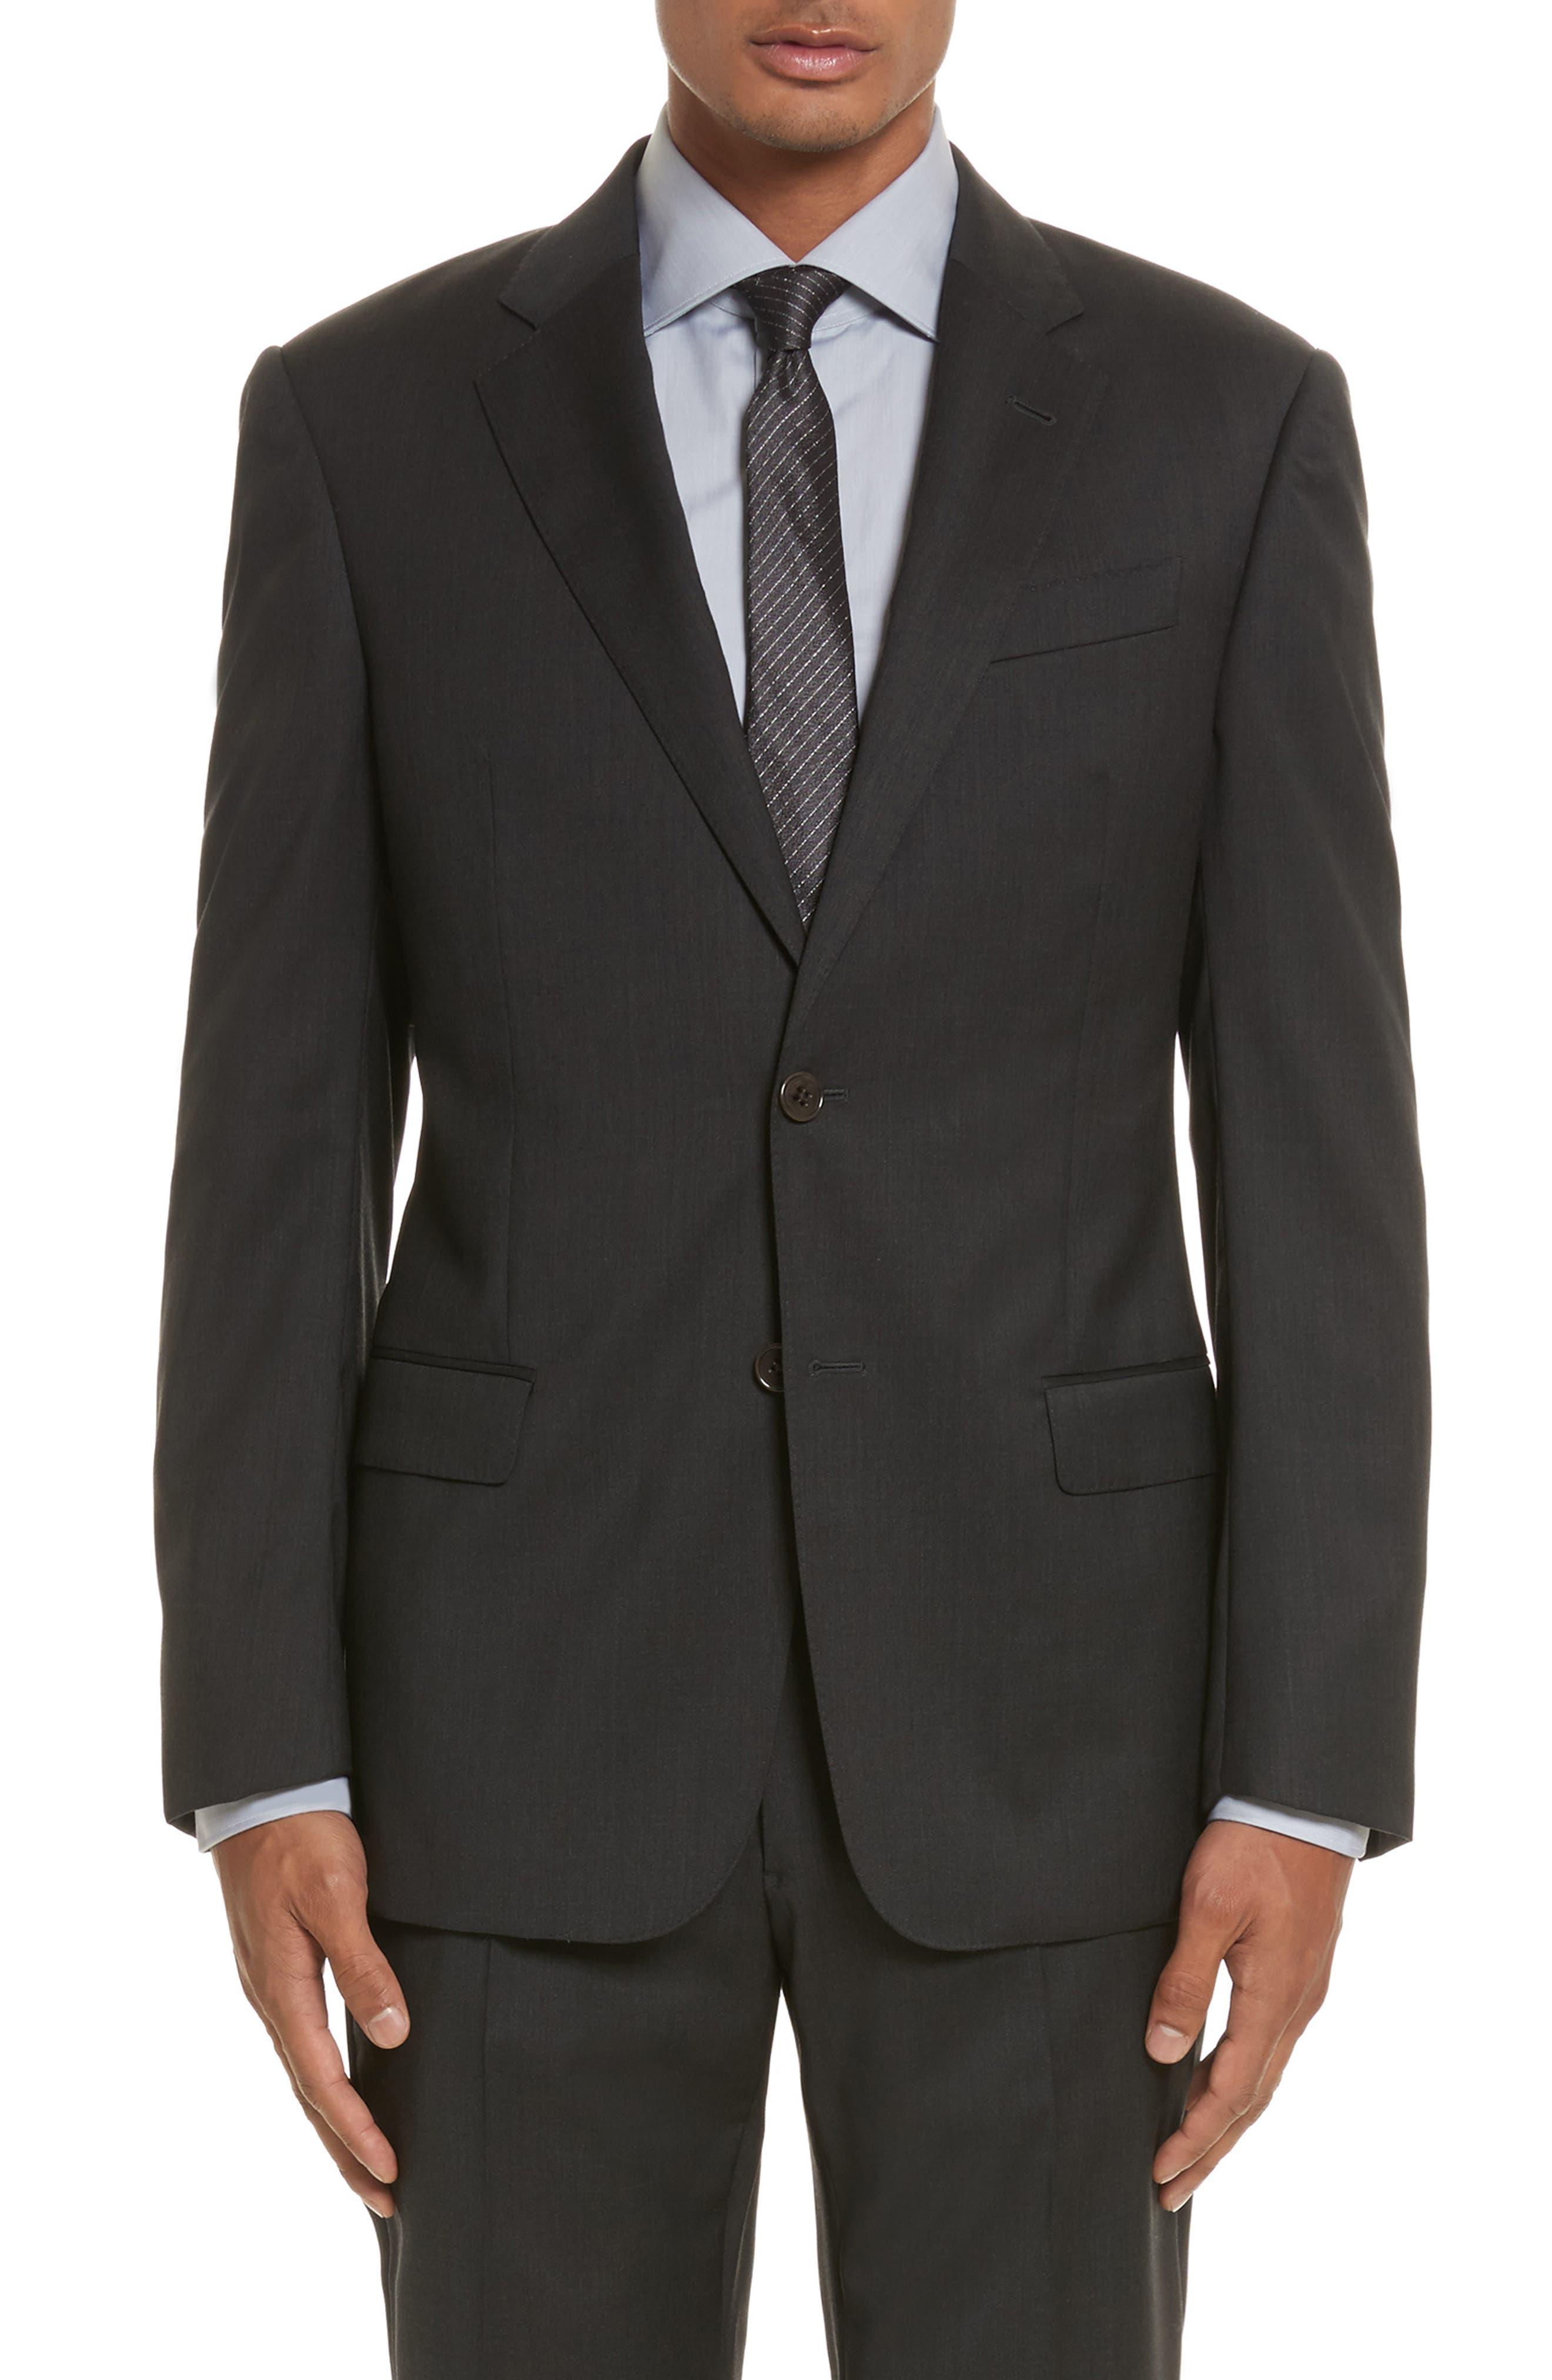 'G-Line' Trim Fit Solid Wool Suit,                             Alternate thumbnail 8, color,                             020